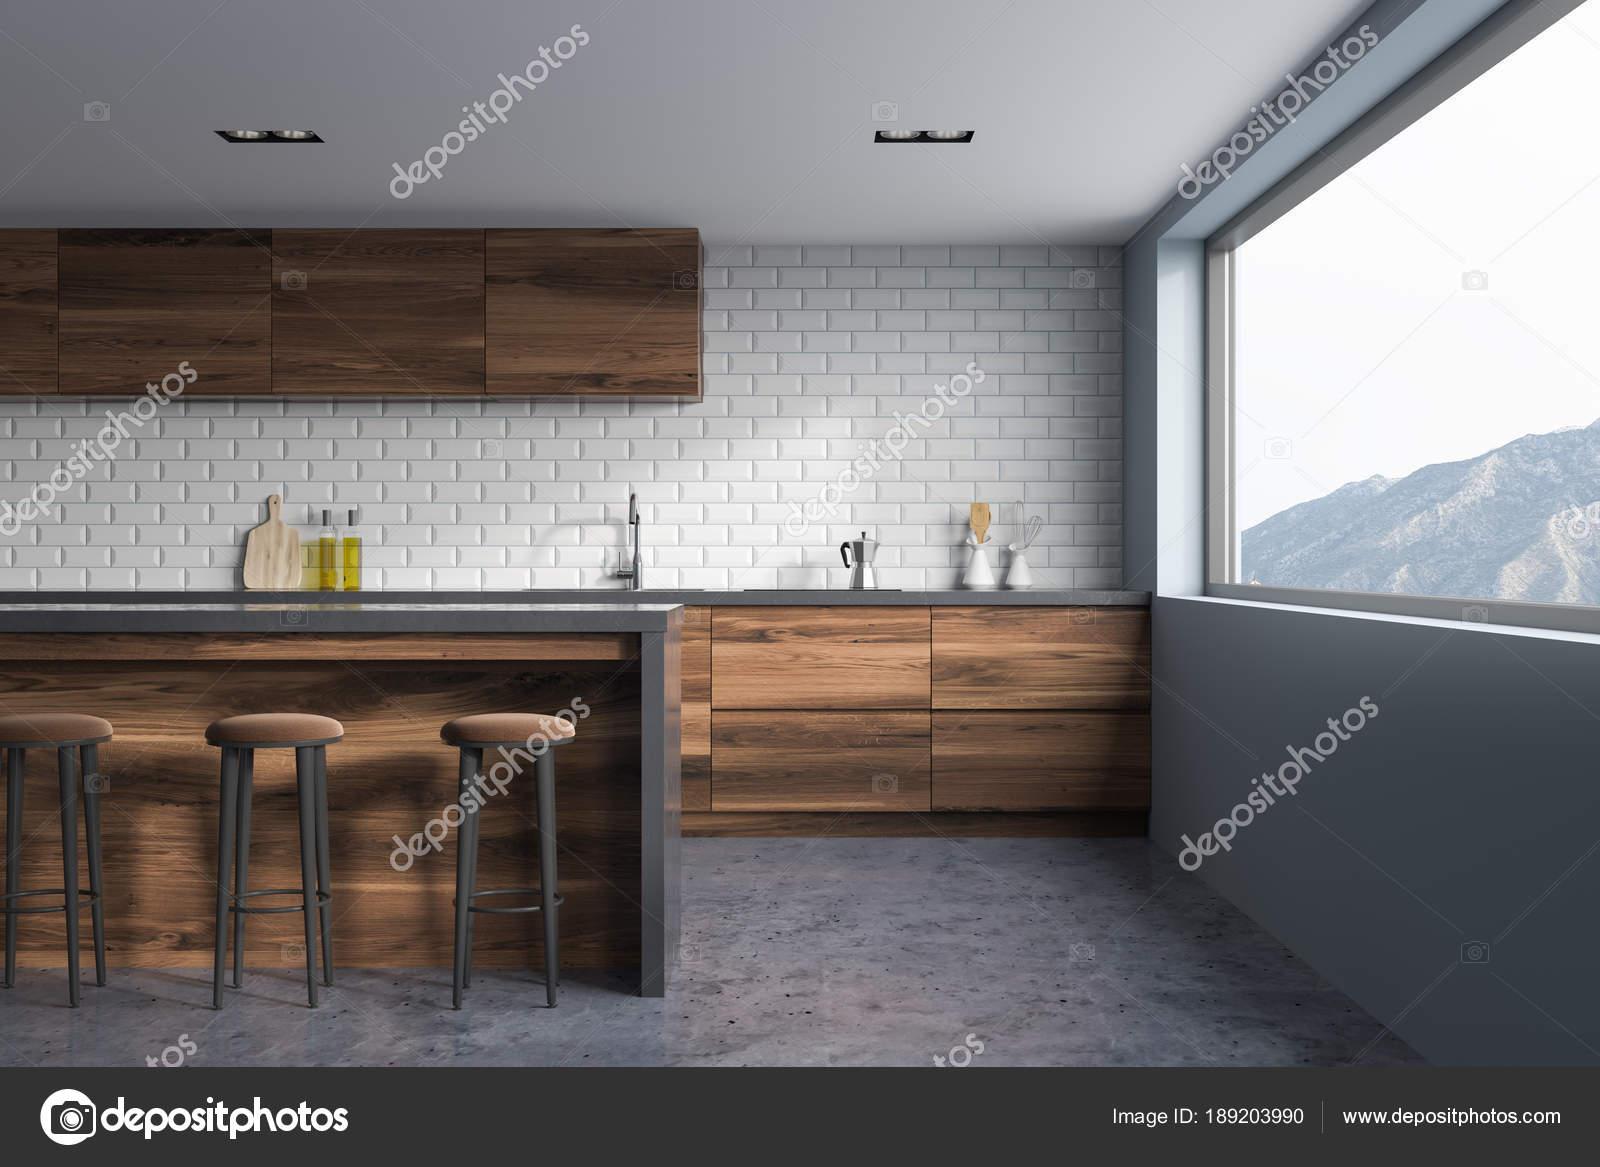 Muri Interni Grigi : Mattoni bianchi e grigi cucina interni in legno bar u2014 foto stock